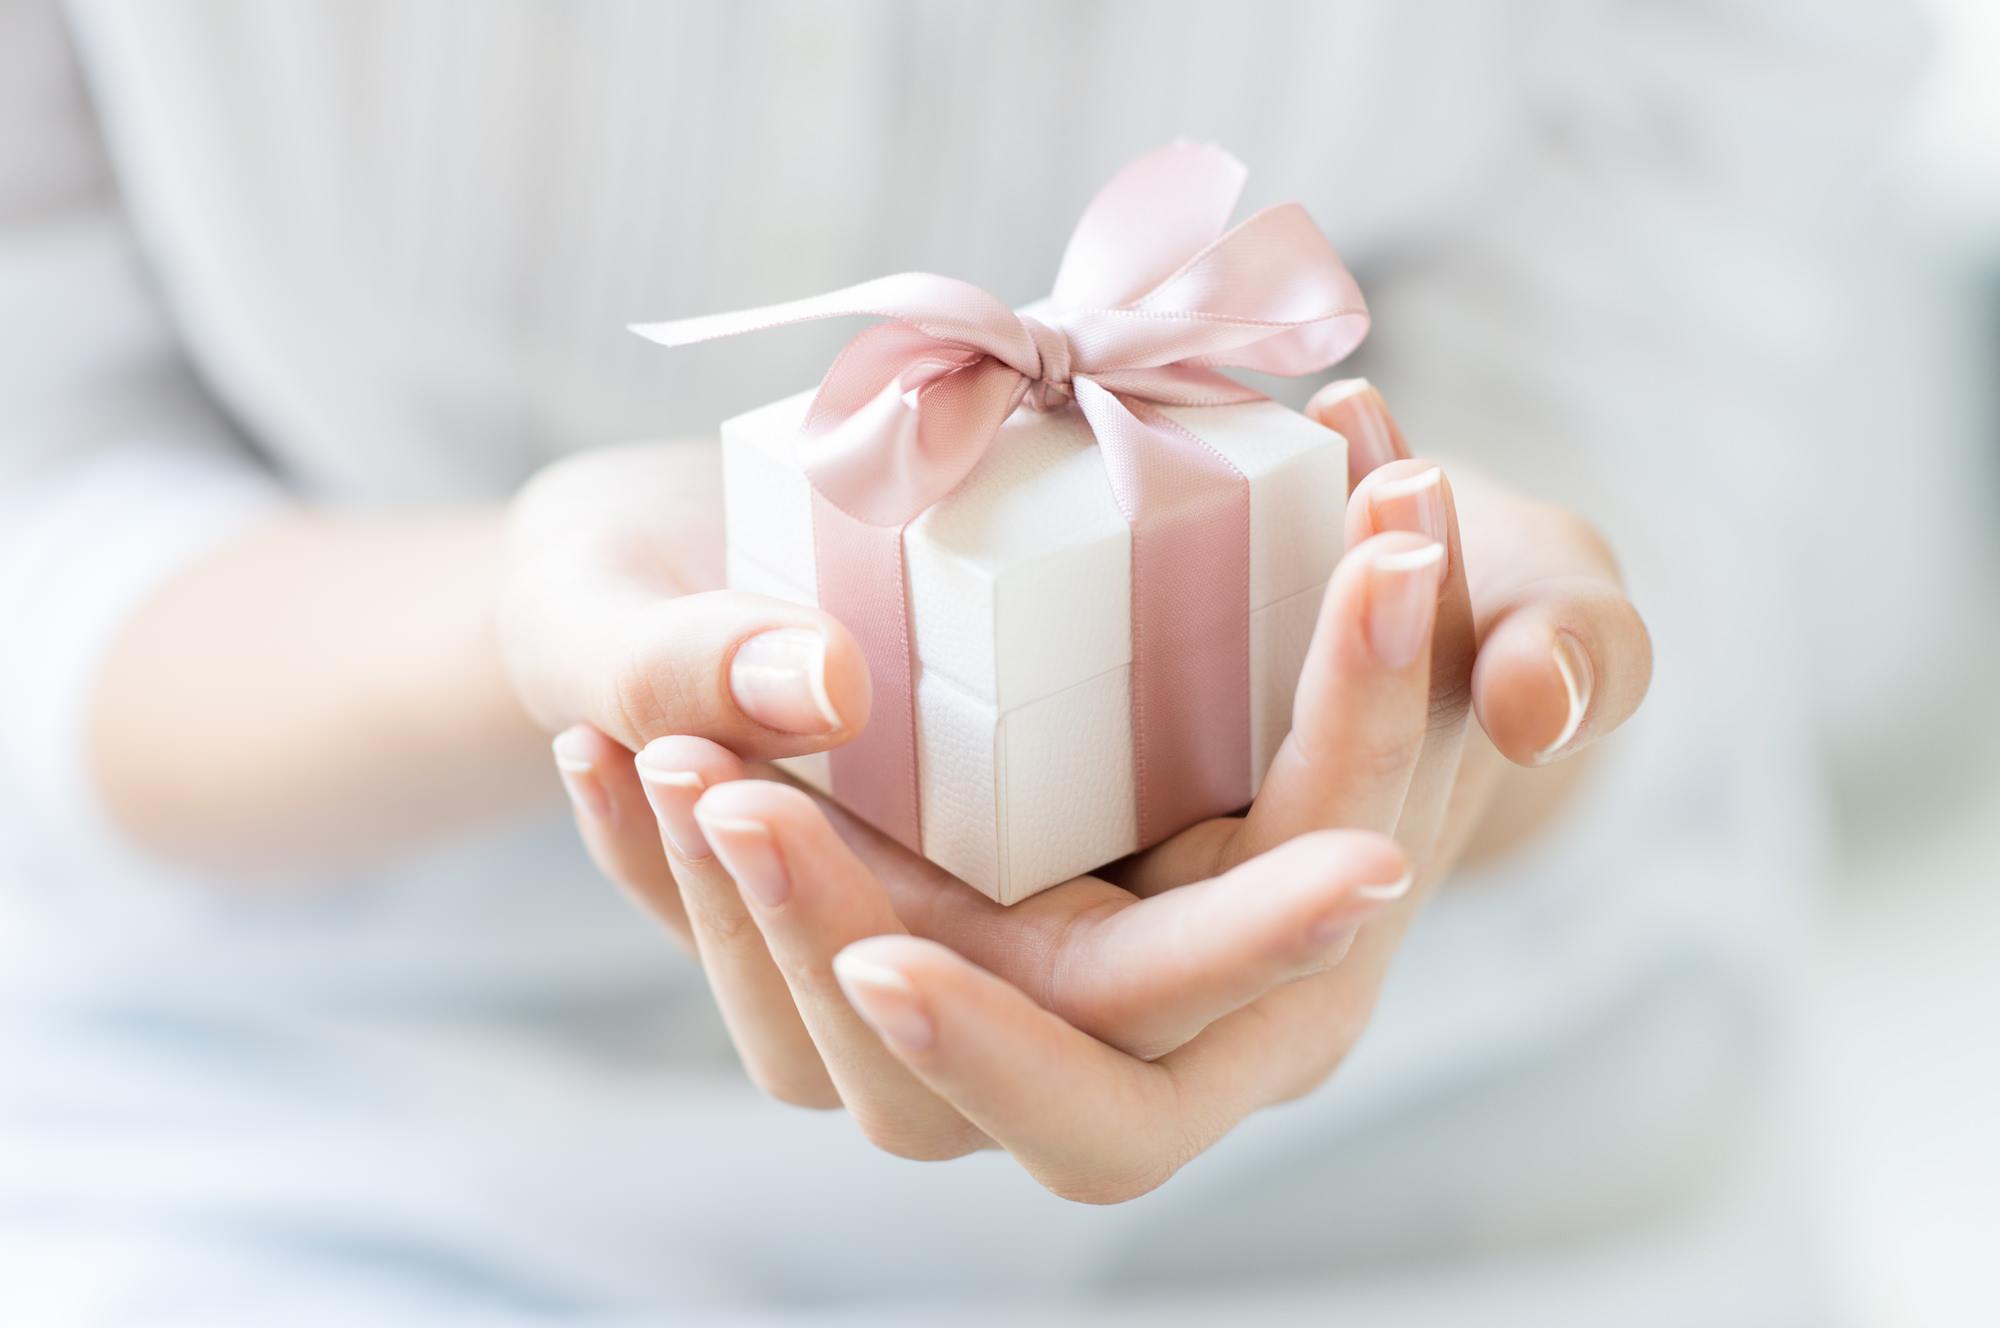 Albergatori, fatevi un regalo!